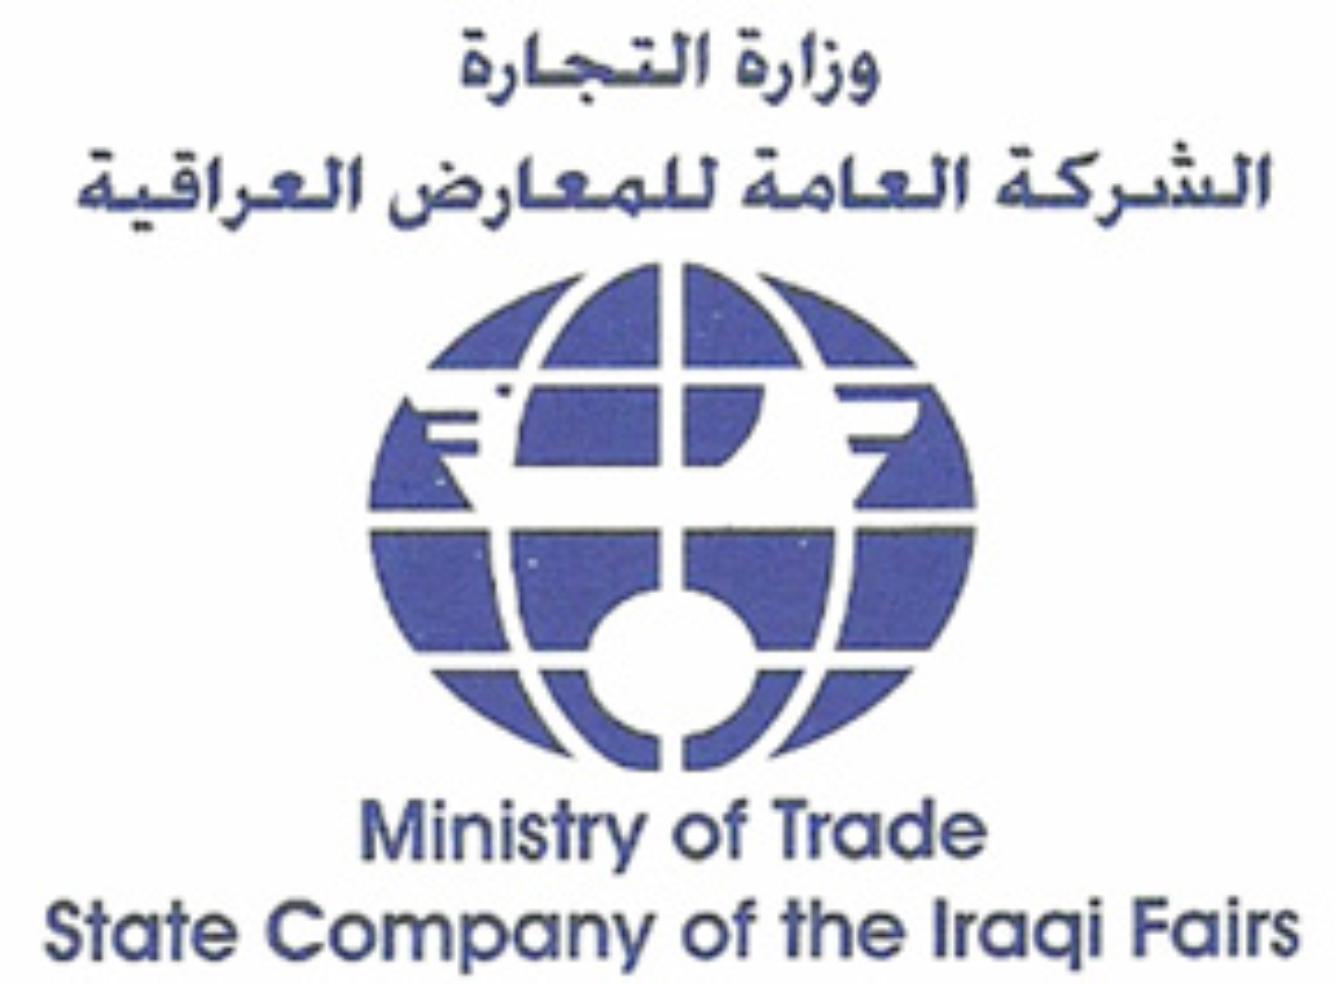 IraqBuild